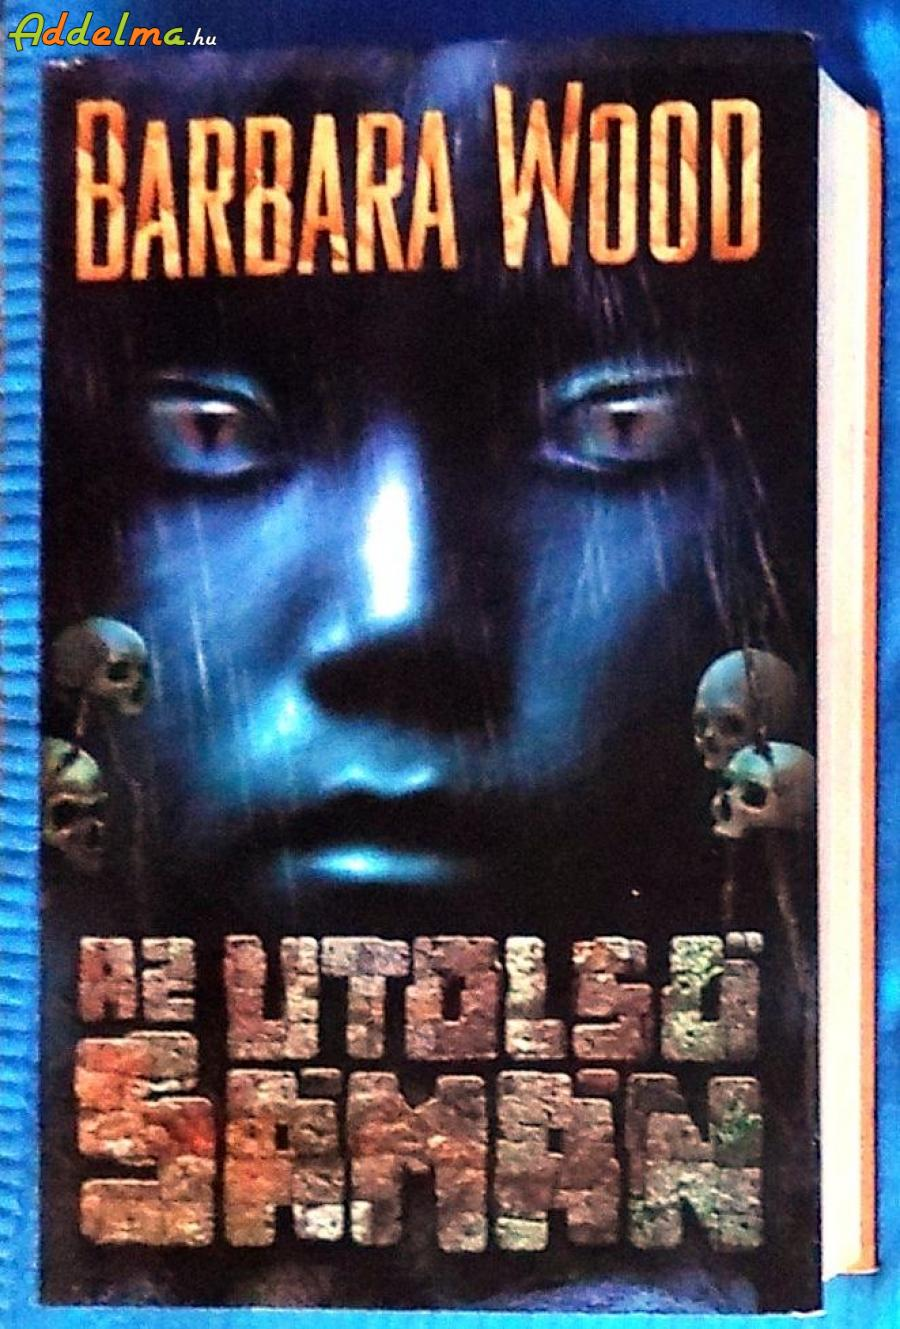 Barbara Wood: Az utolsó sámán (2007)